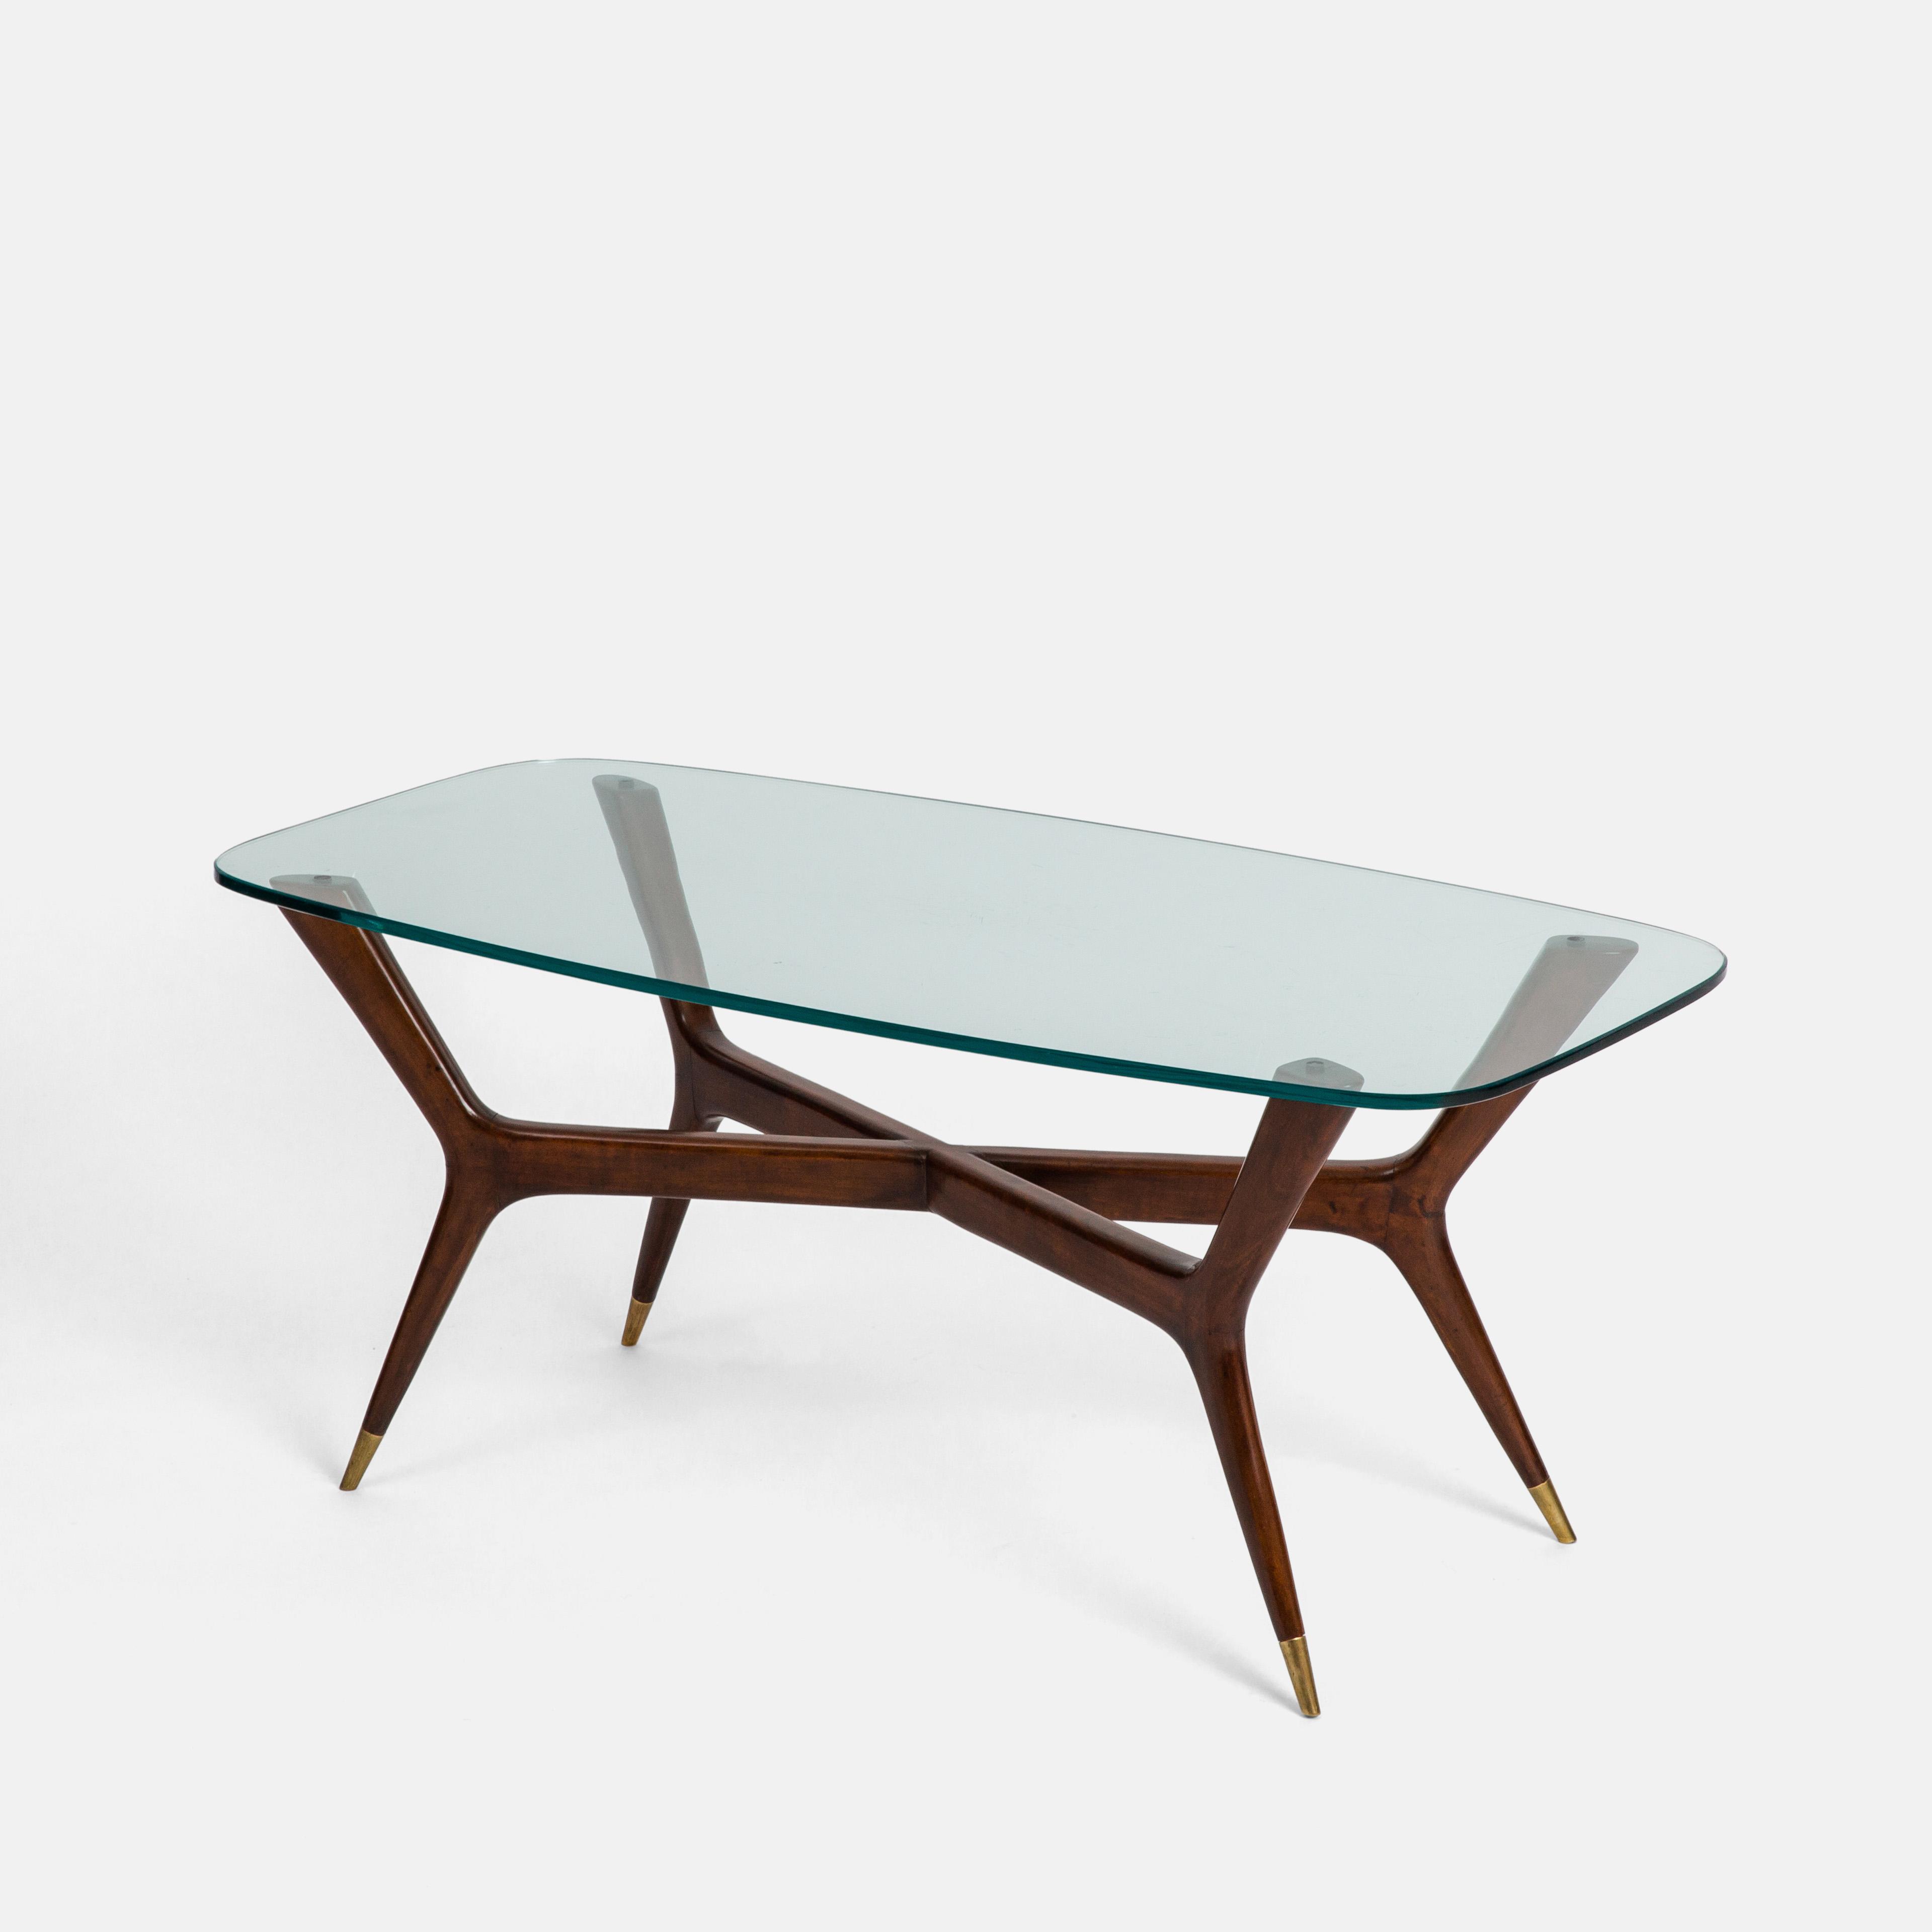 Italian Walnut & Glass Coffee Table by Gio Ponti | soyun k.